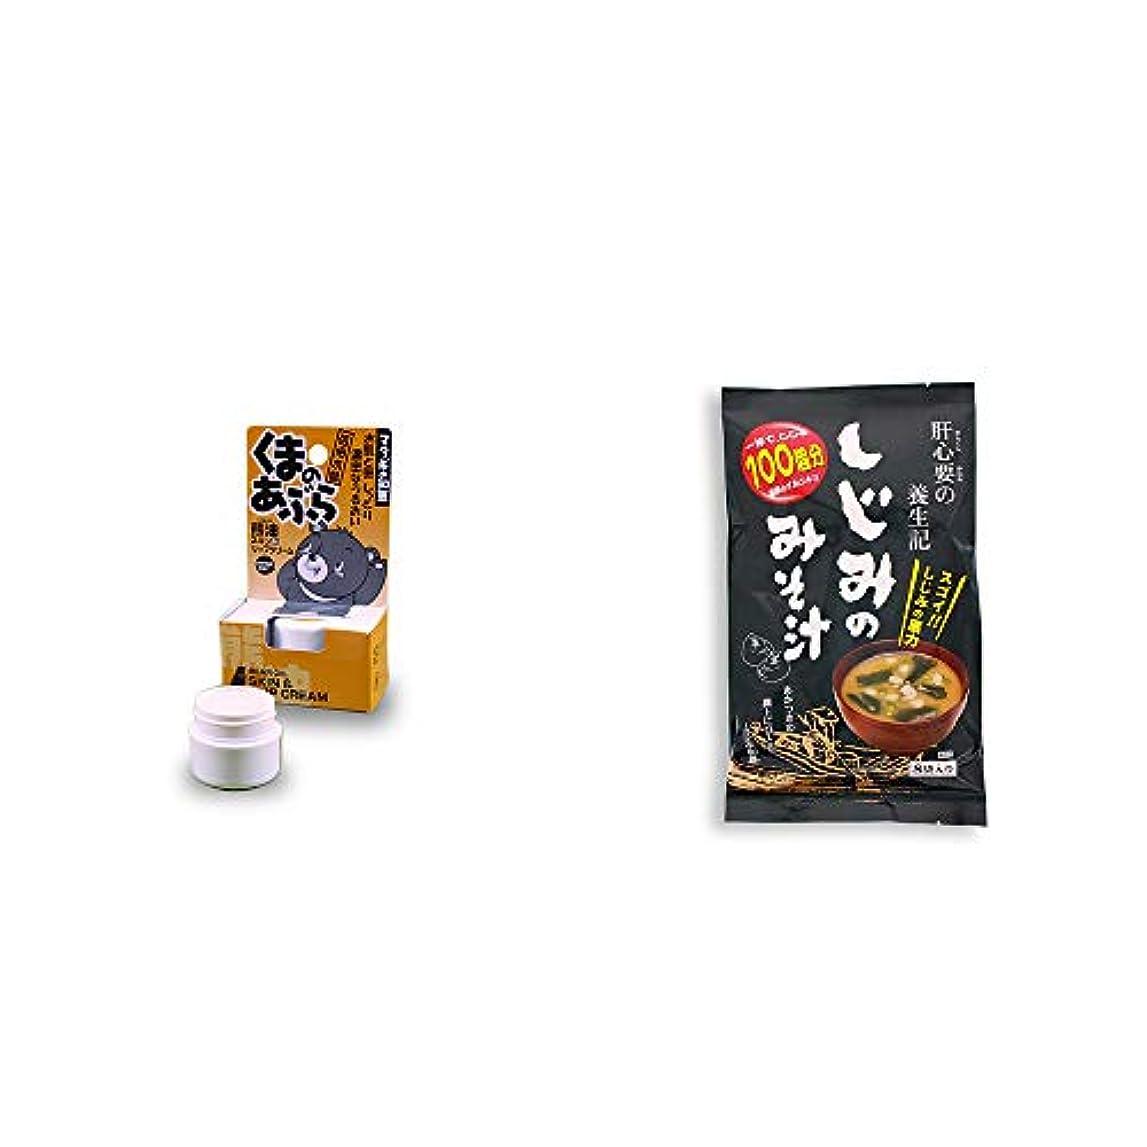 刺すマーチャンダイジング歴史的[2点セット] 信州木曽 くまのあぶら 熊油スキン&リップクリーム(9g)?肝心要の養生記 しじみのみそ汁(56g(7g×8袋))